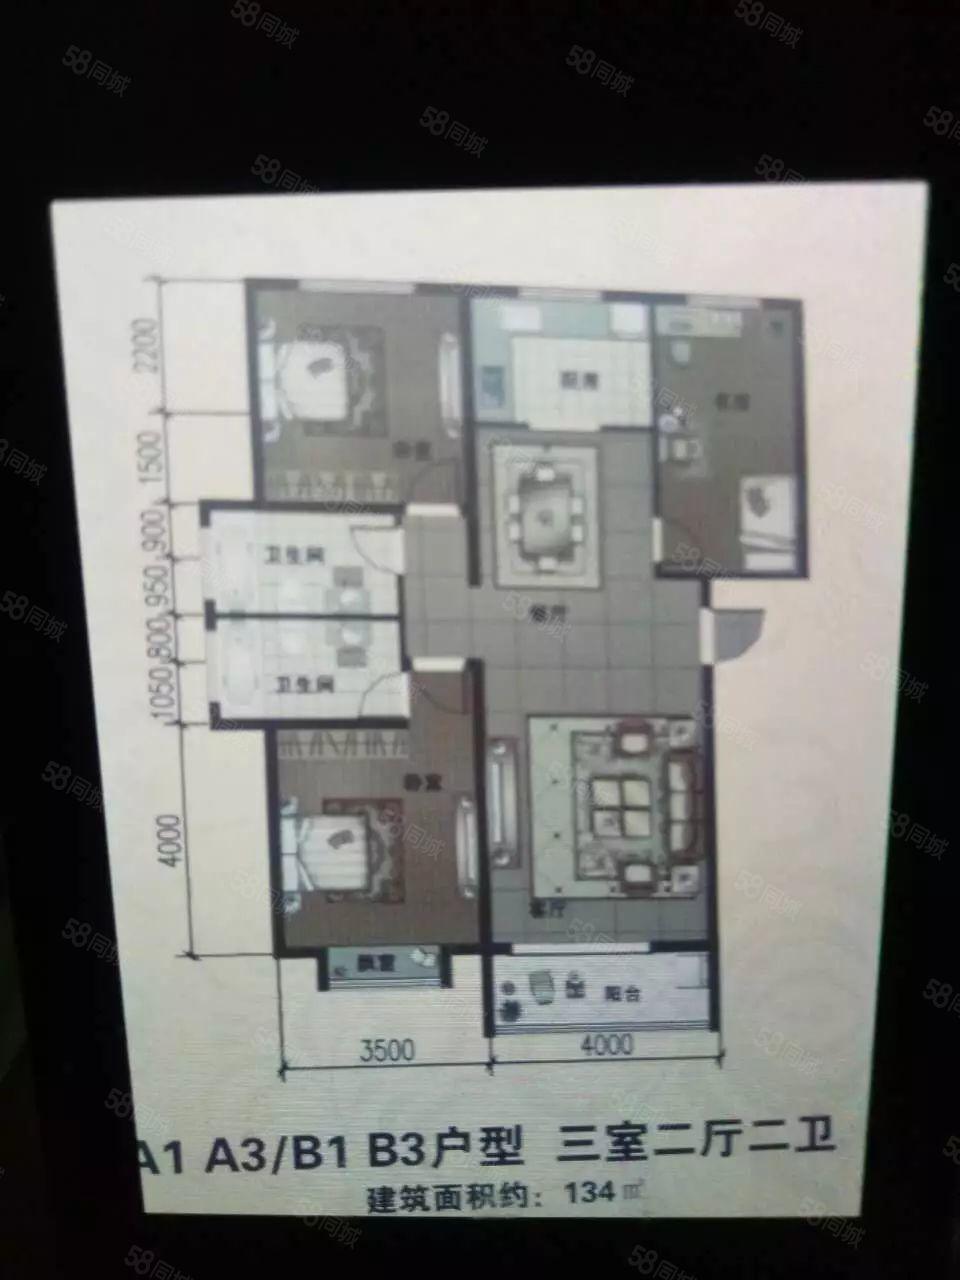 高新区人民医院宿舍东方广场工程抵押房出售改合同